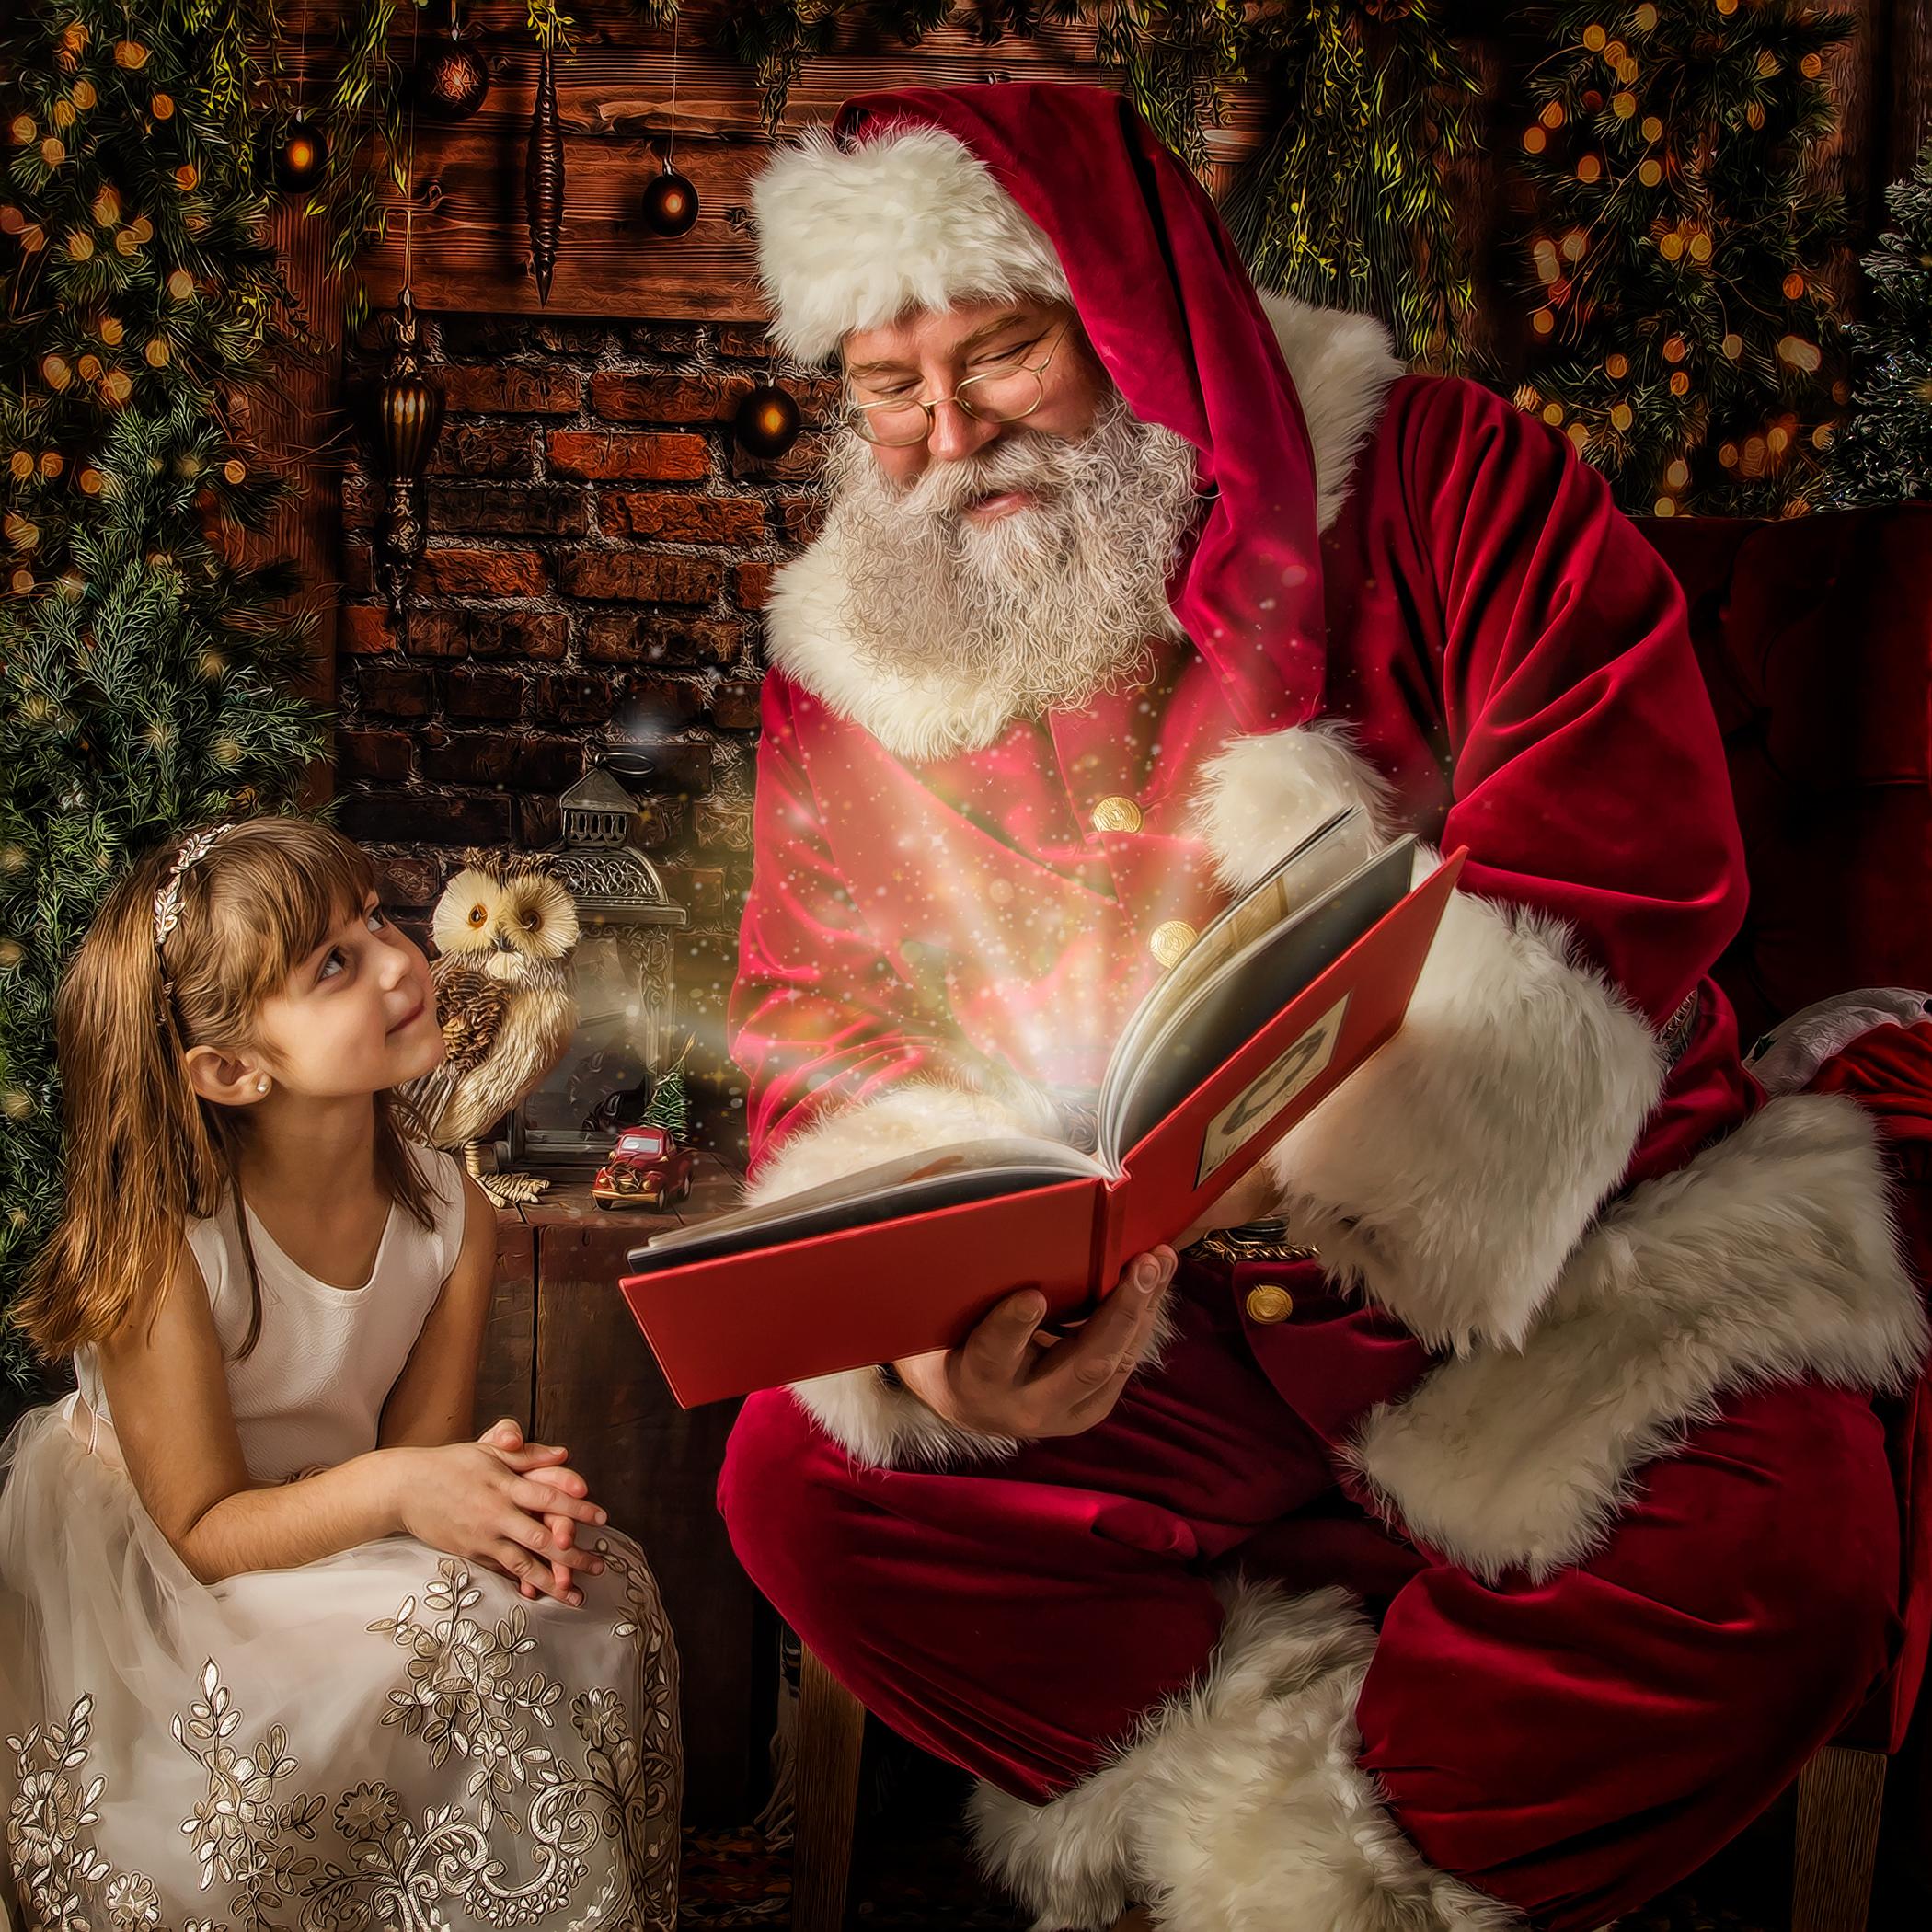 nora with santa and book FB.jpg